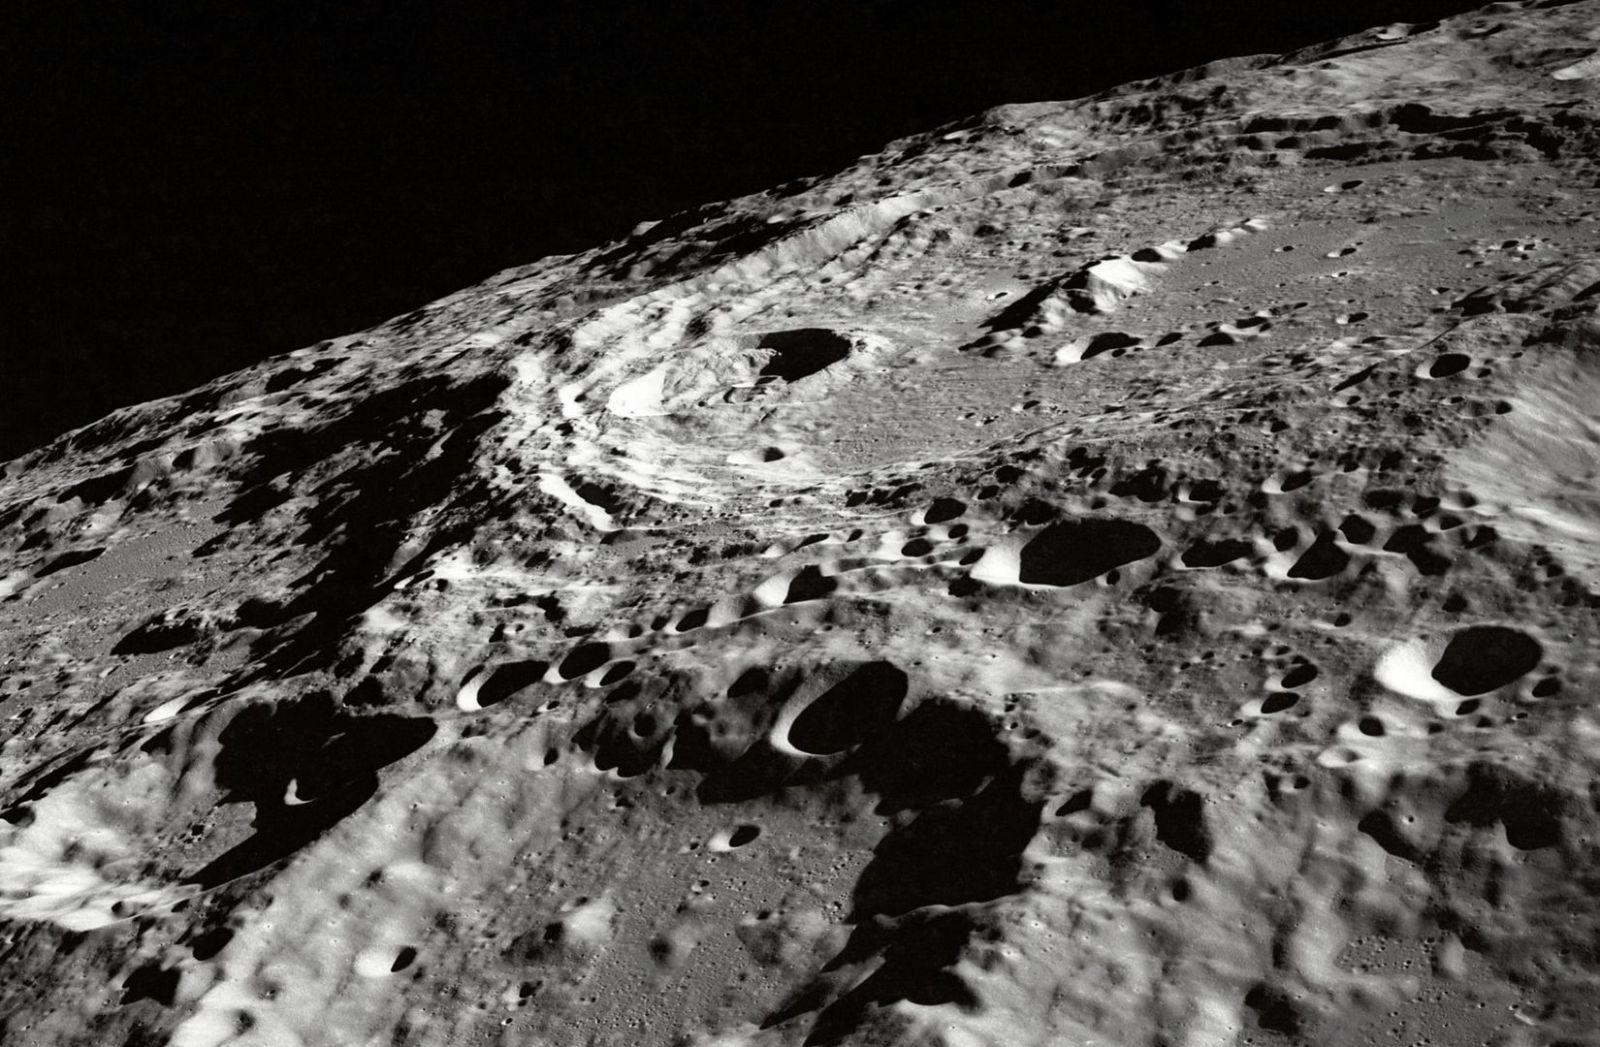 Die Oberfläche des Mondes ist mit Kratern überzogen. Der Planet ist unbewohnbar. (Foto: Nasa, Unsplash.com)